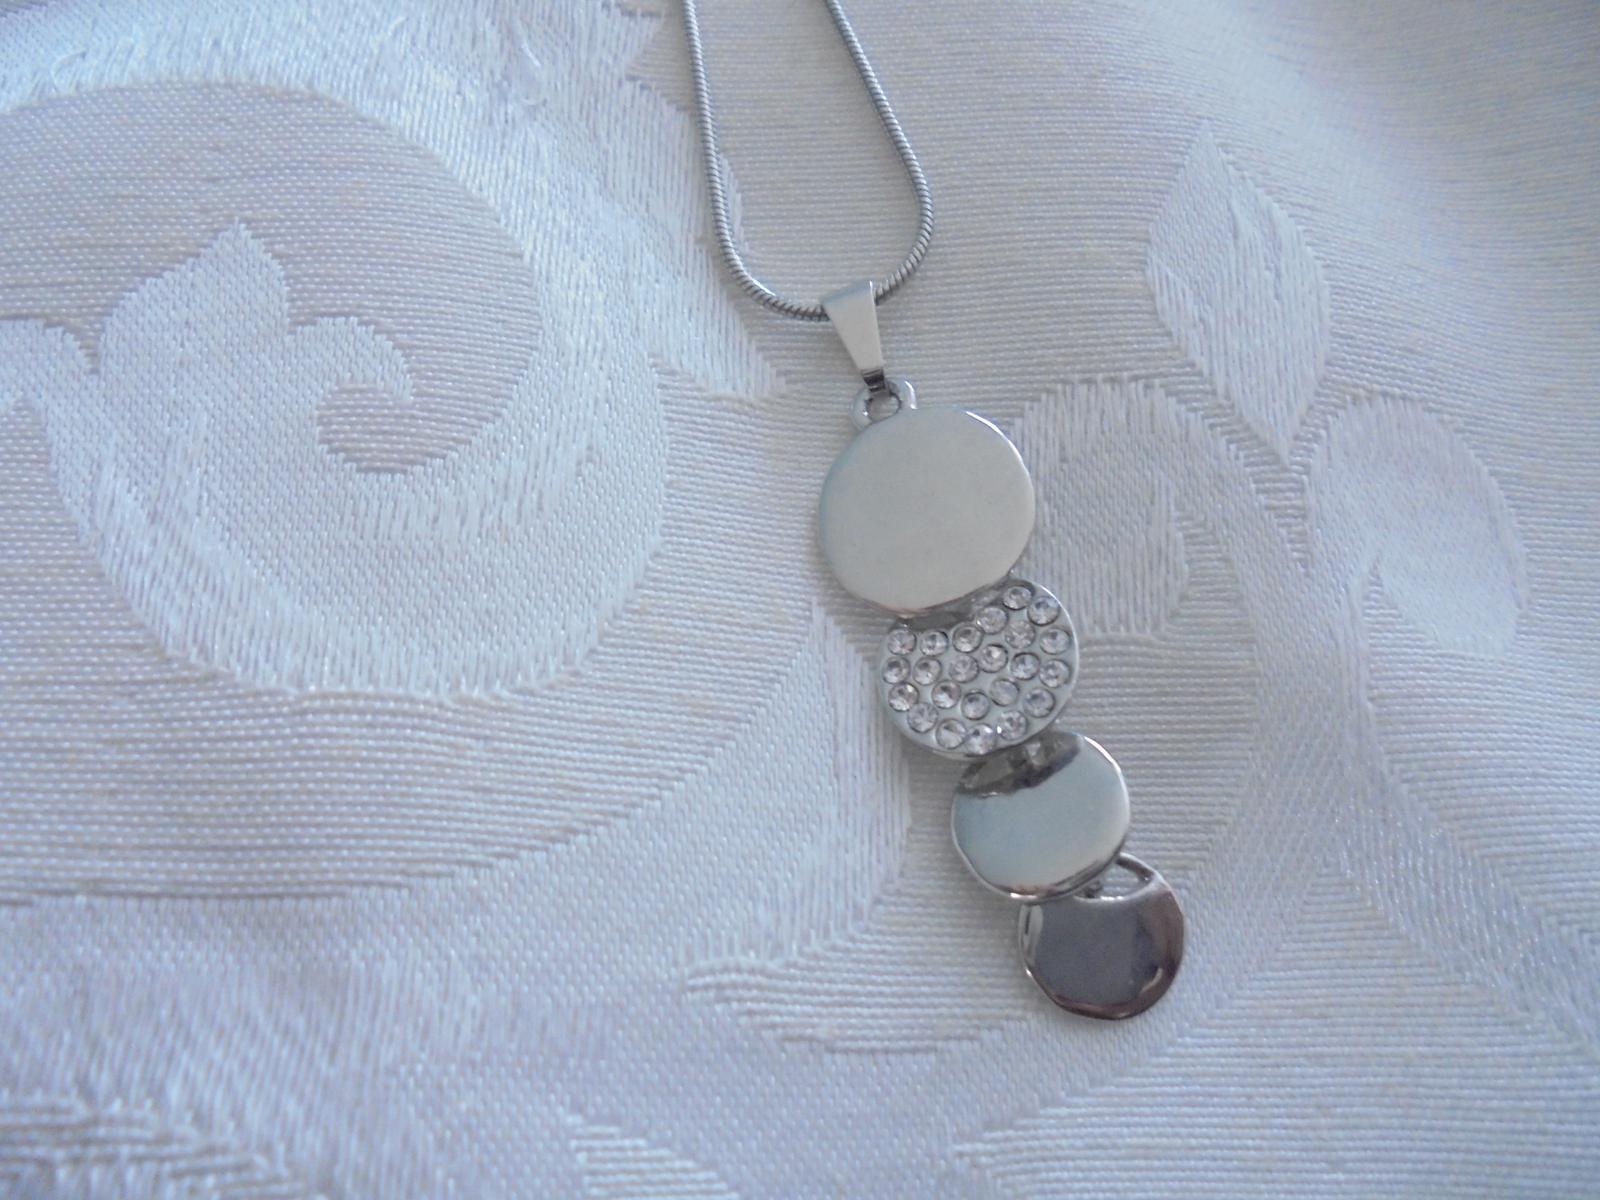 sada- náušnice a náhrdelník - Obrázok č. 4